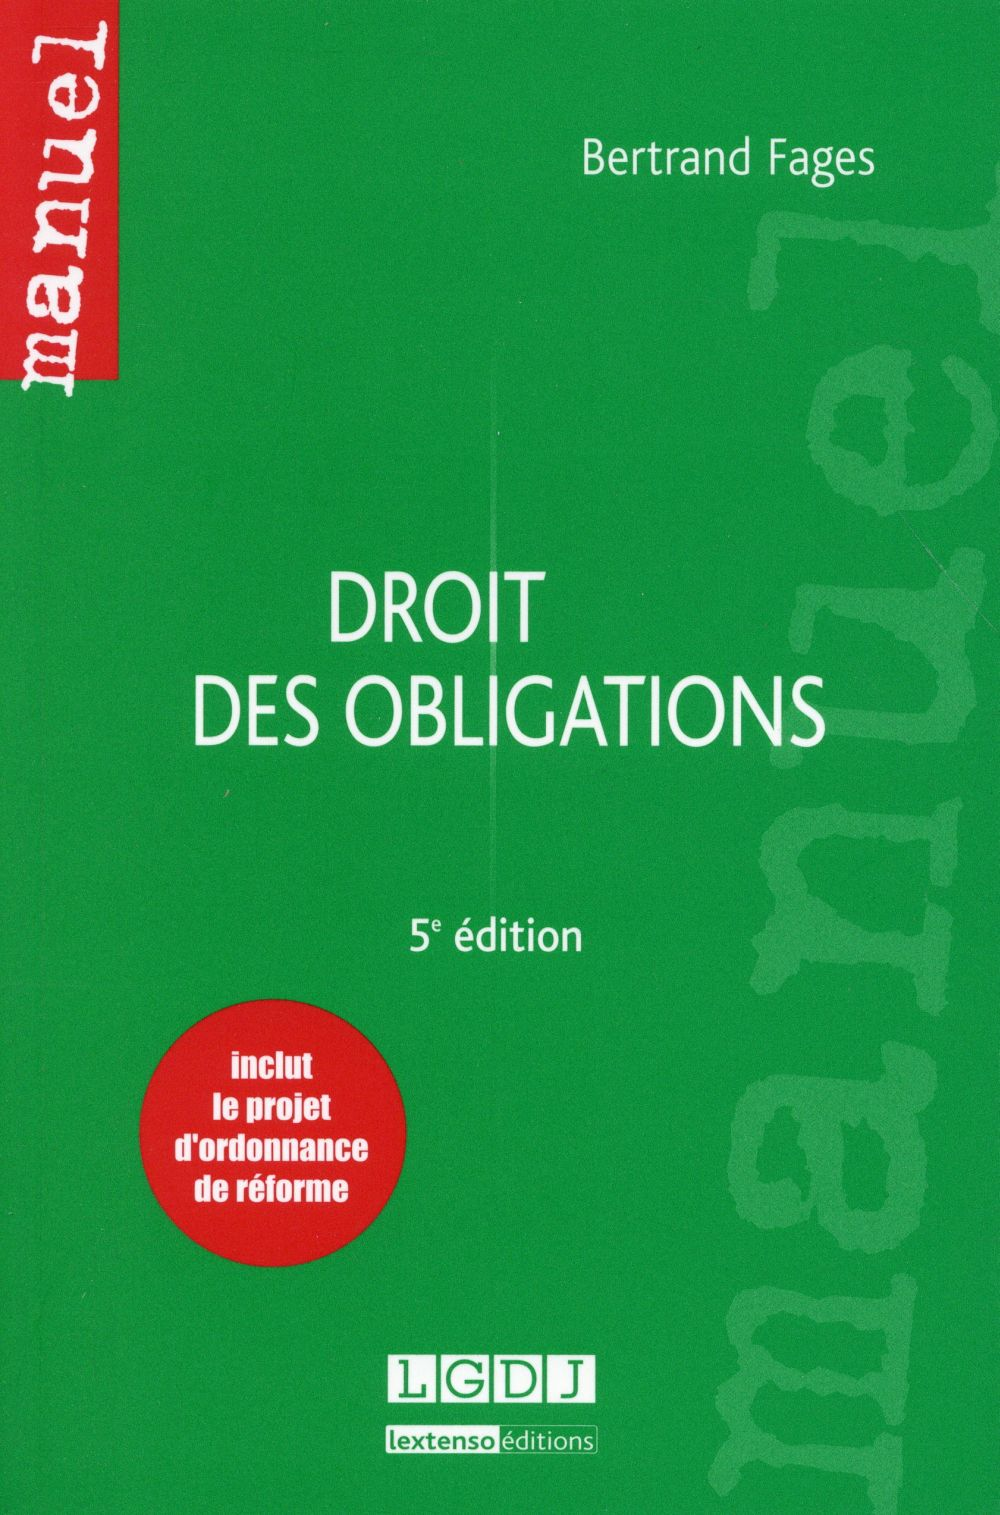 Droit des obligations (5e édition)